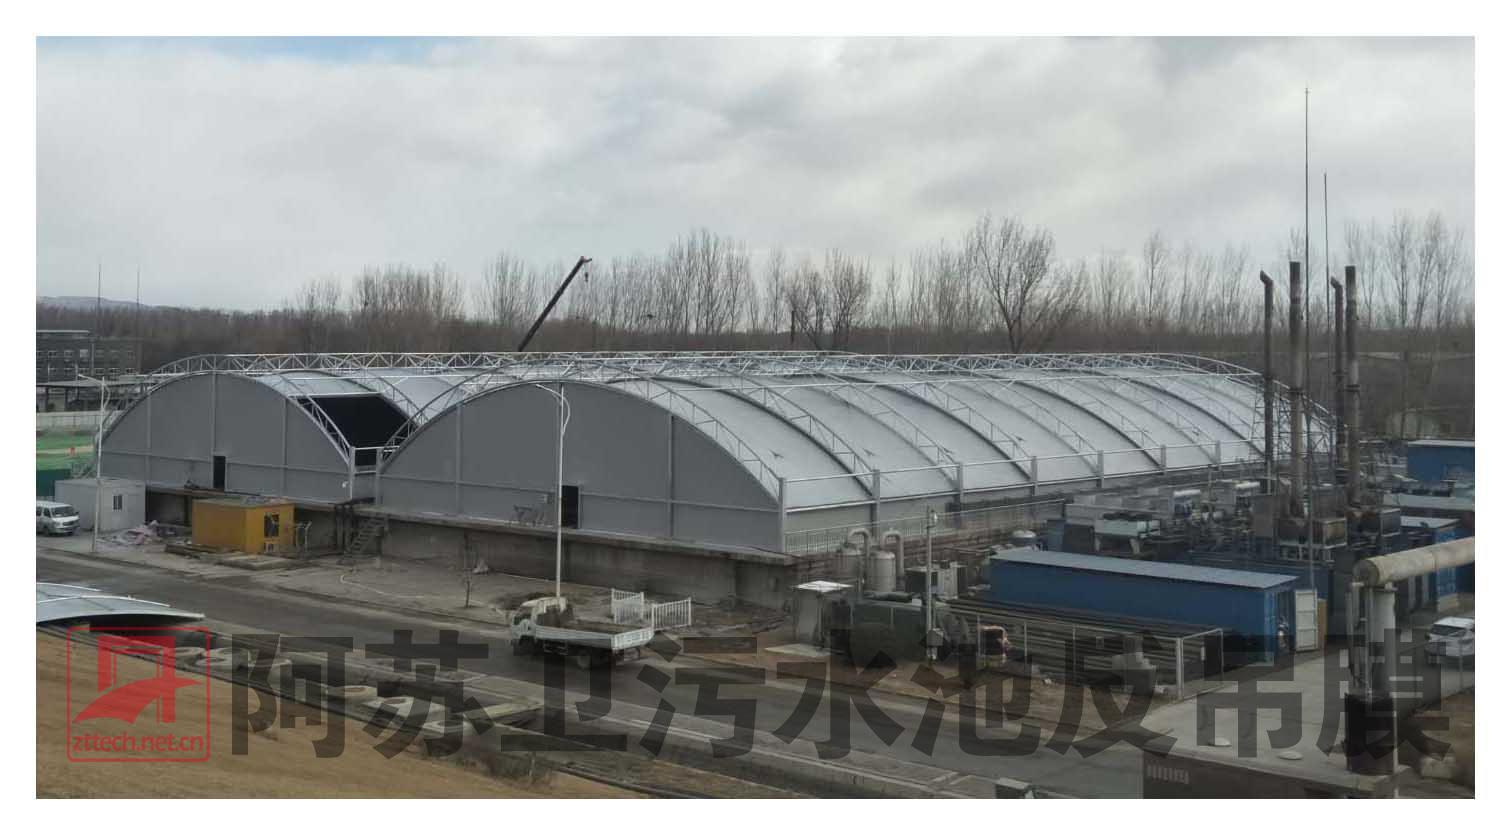 污水池加盖反吊/污染土固废处理气膜/填埋场封闭/工地防尘隔离